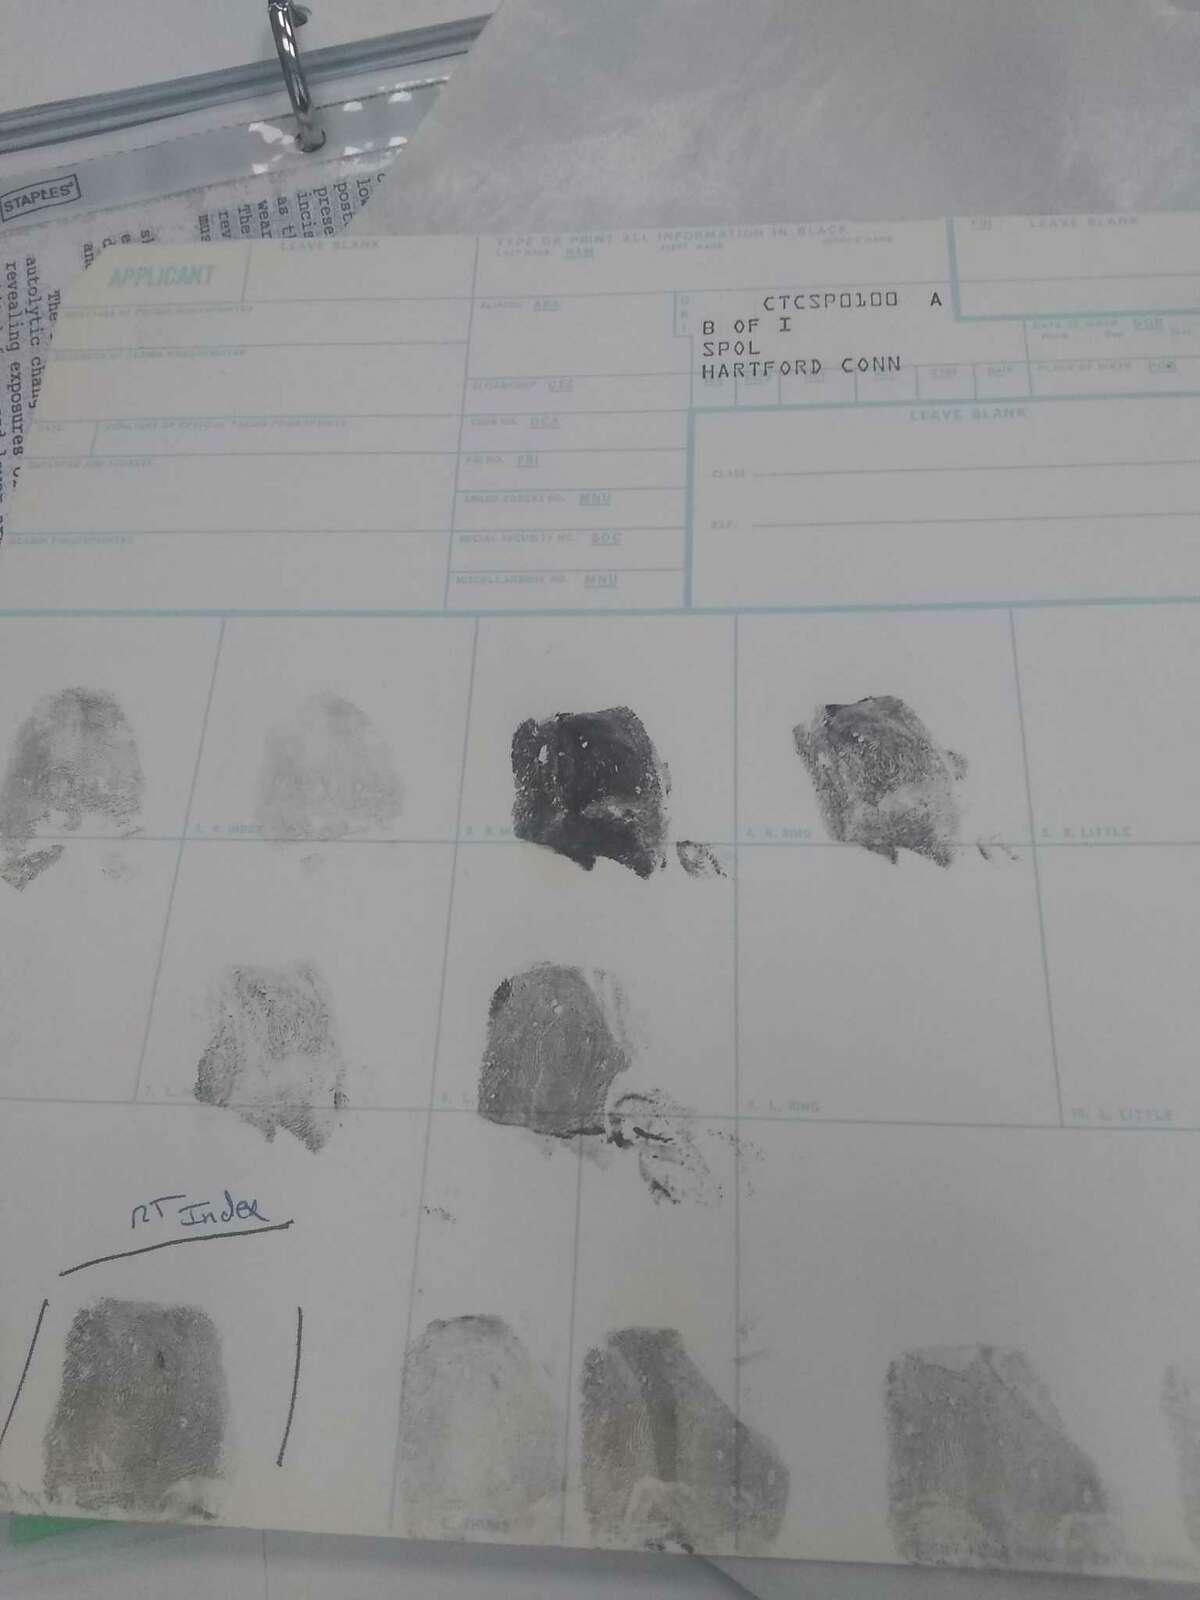 Norwalk Police Lt. Art Weisgerber, head of the crime scene unit, shows off equipment and fingerprints, Feb. 14, 2019.